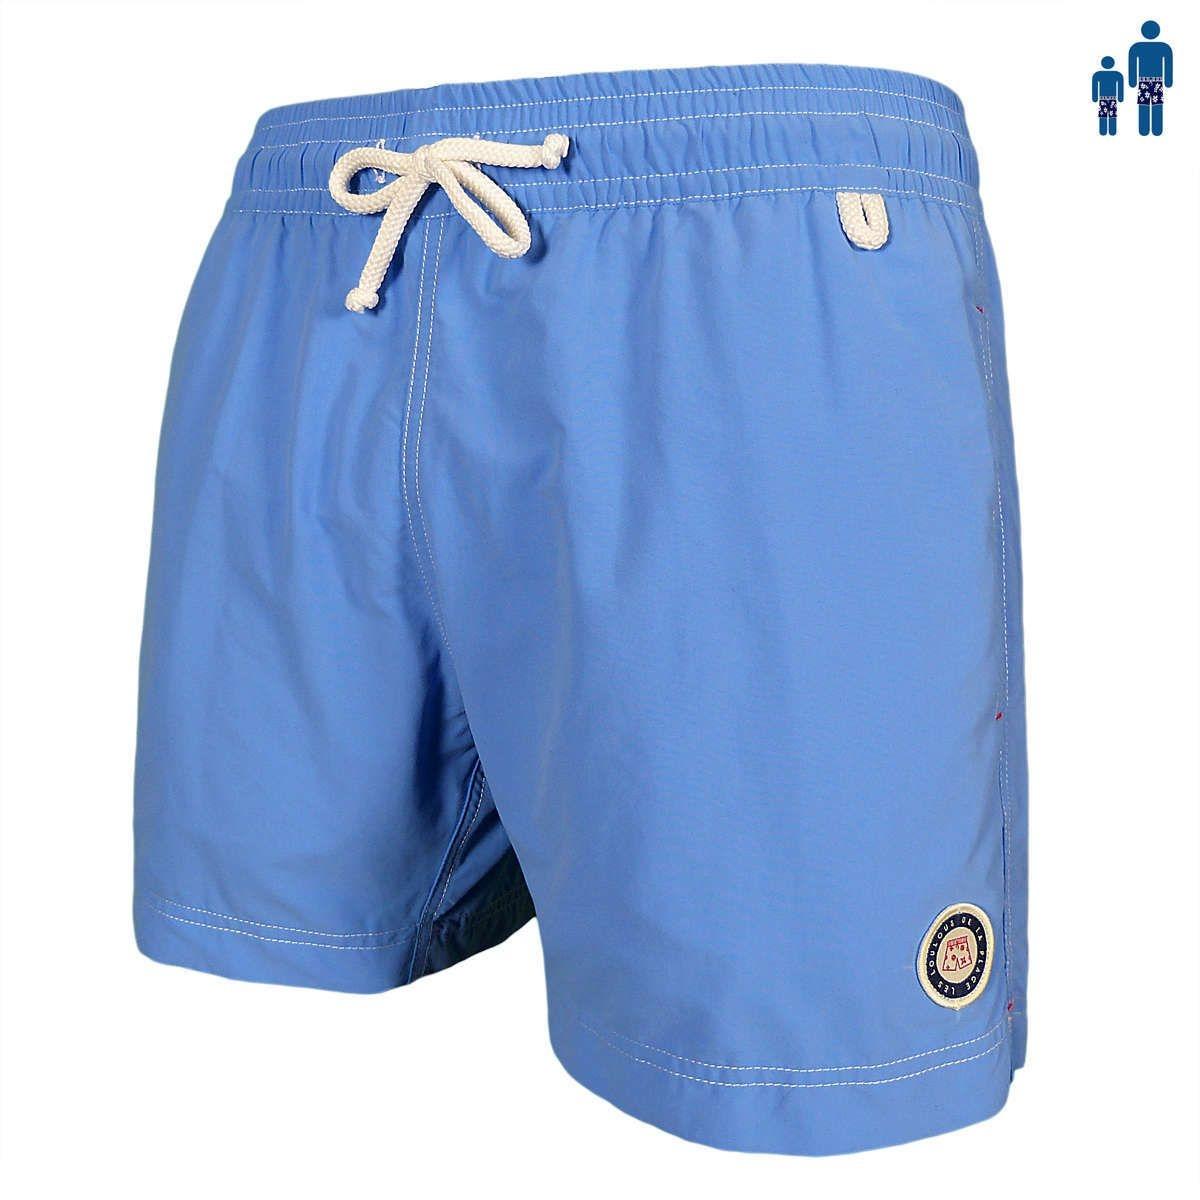 Montauk - Classic fit Maillot Short de bain homme bleu, azur, royal, ciel ou navy uni